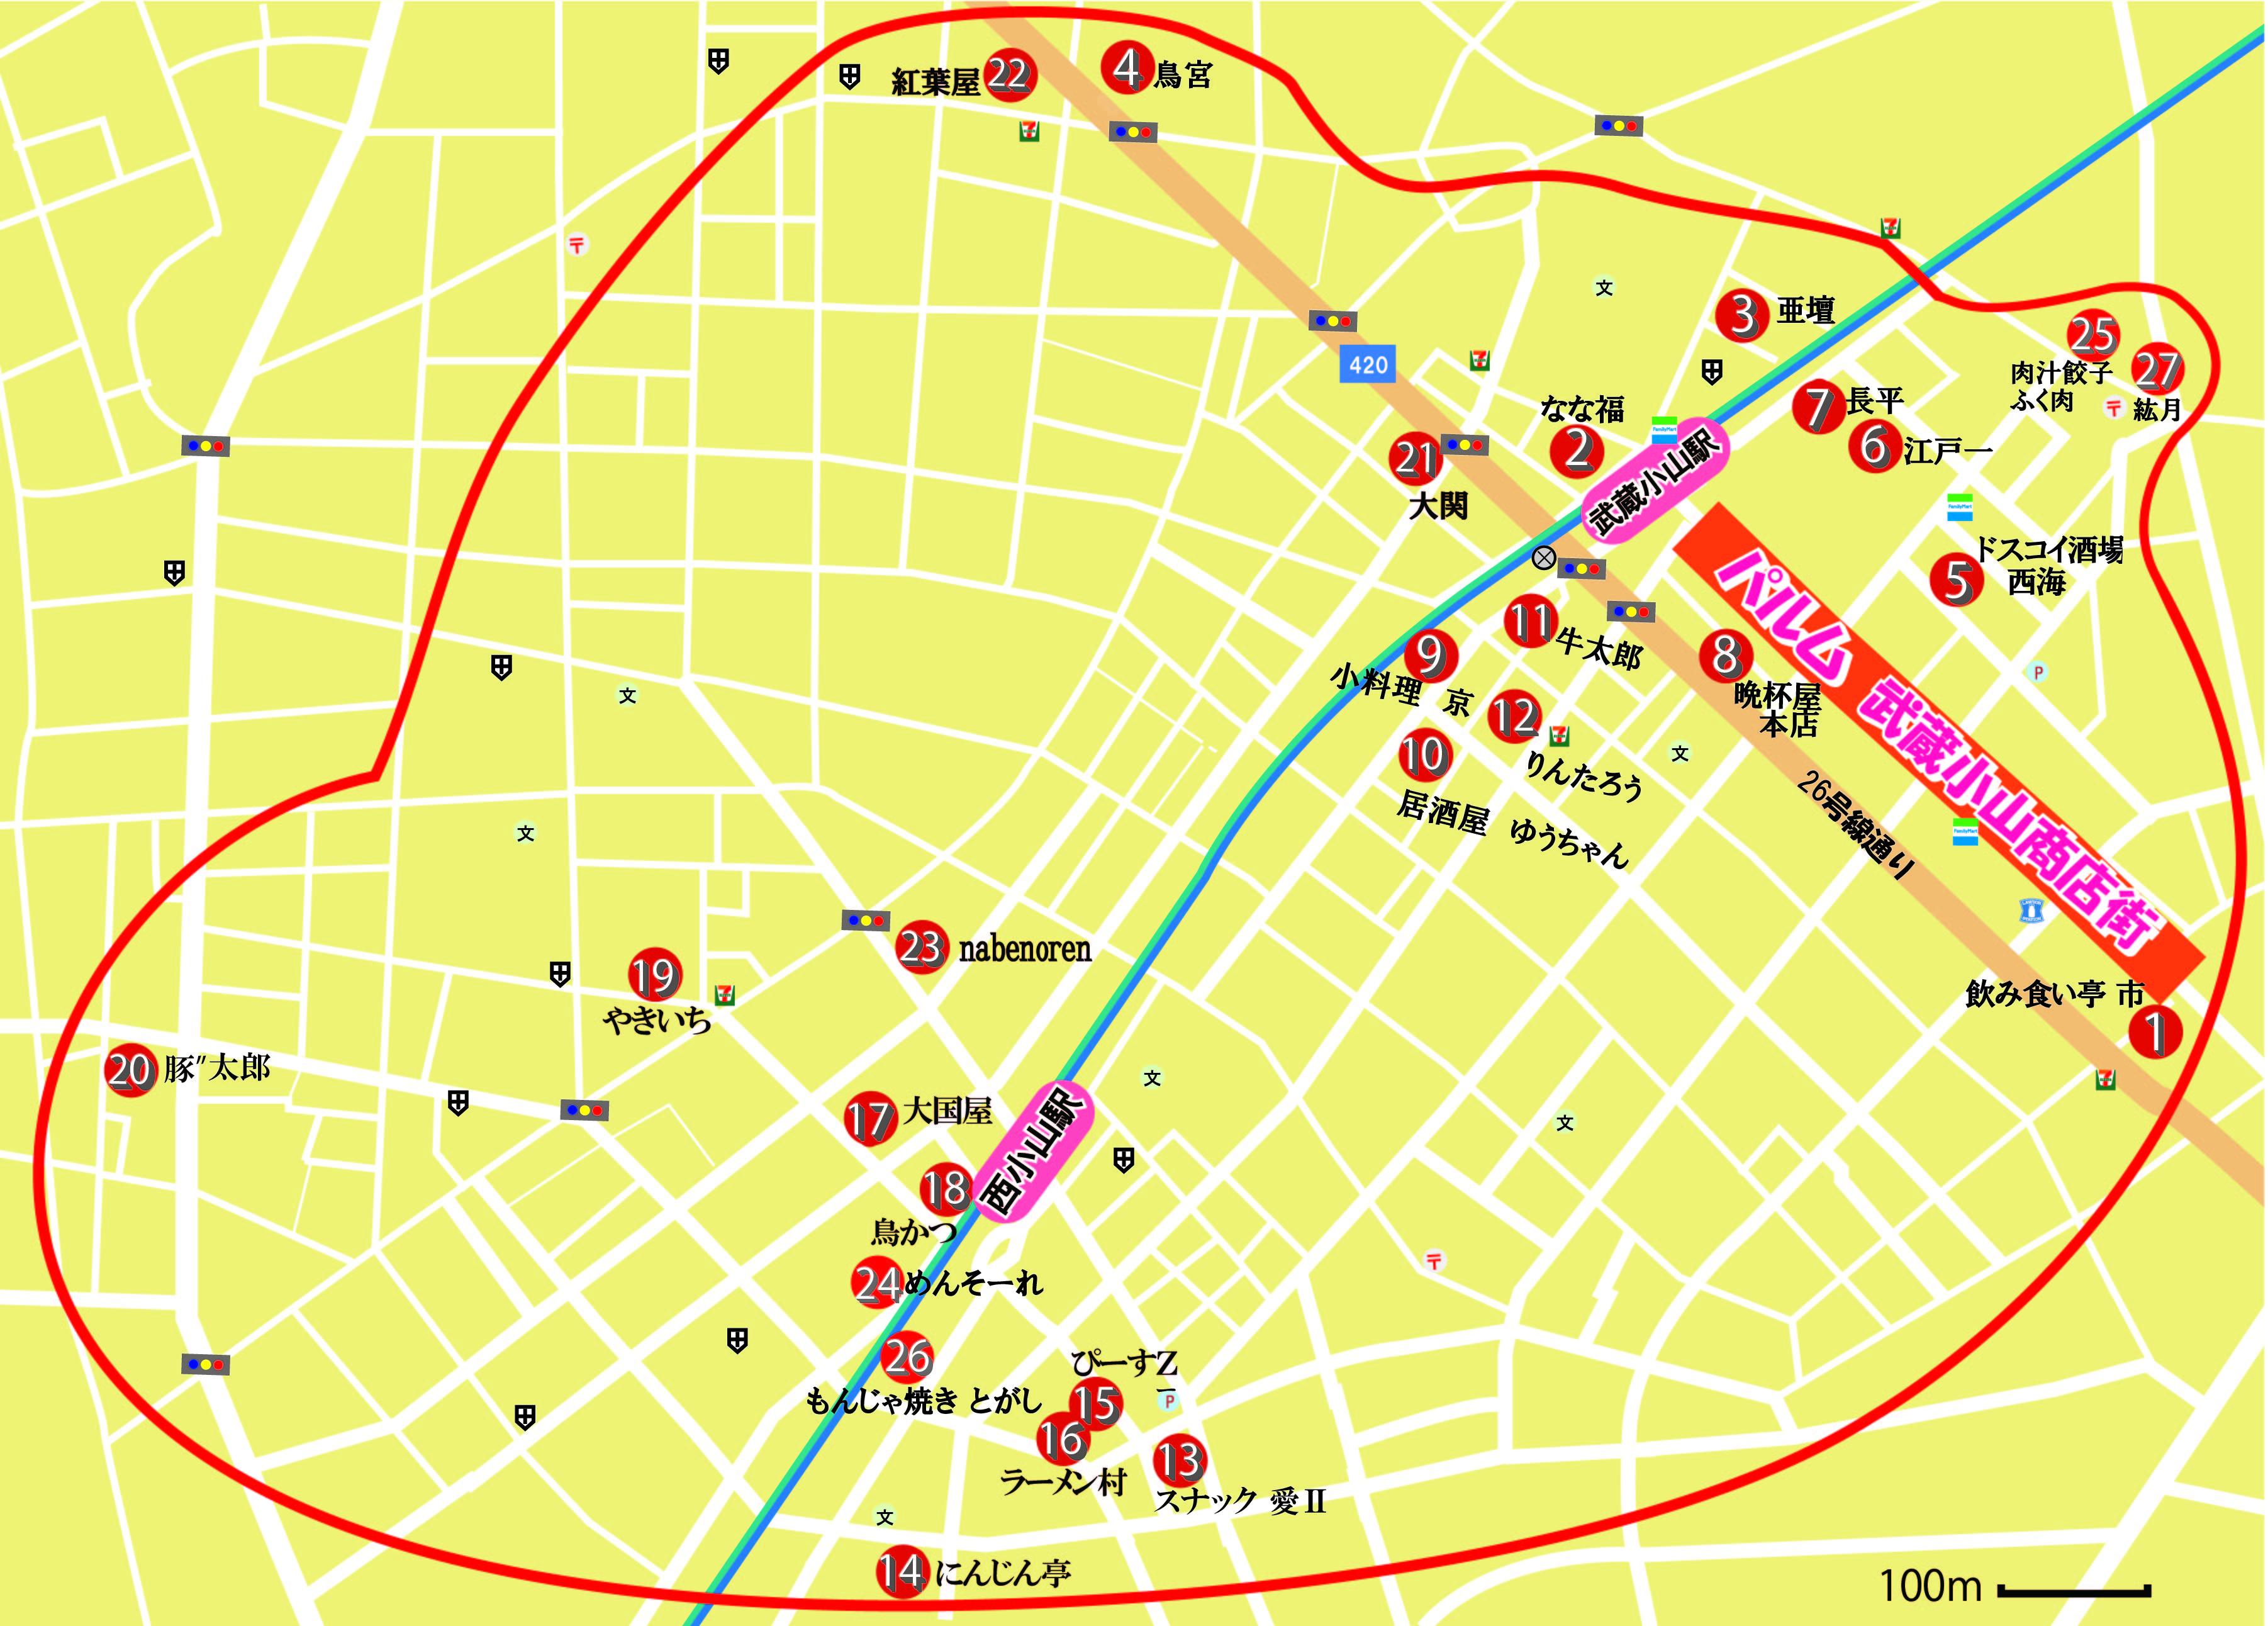 20170413_ハイサワー特区地図追加-01